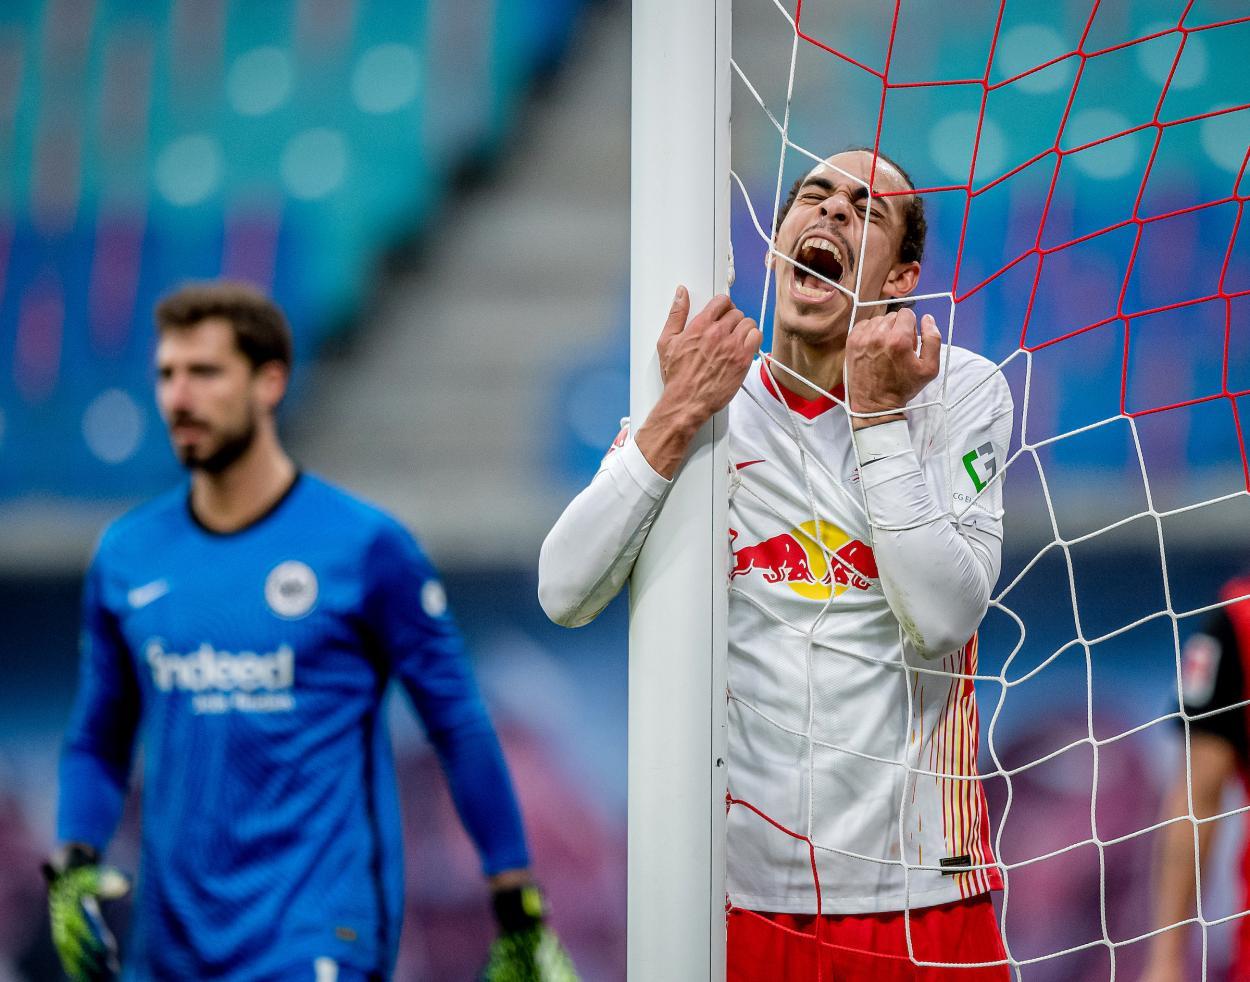 El Leipzig no pudo pasar del empate y pierde dos puntos en el Red Bull Arena. / Twitter: Die Roten Bullen oficial